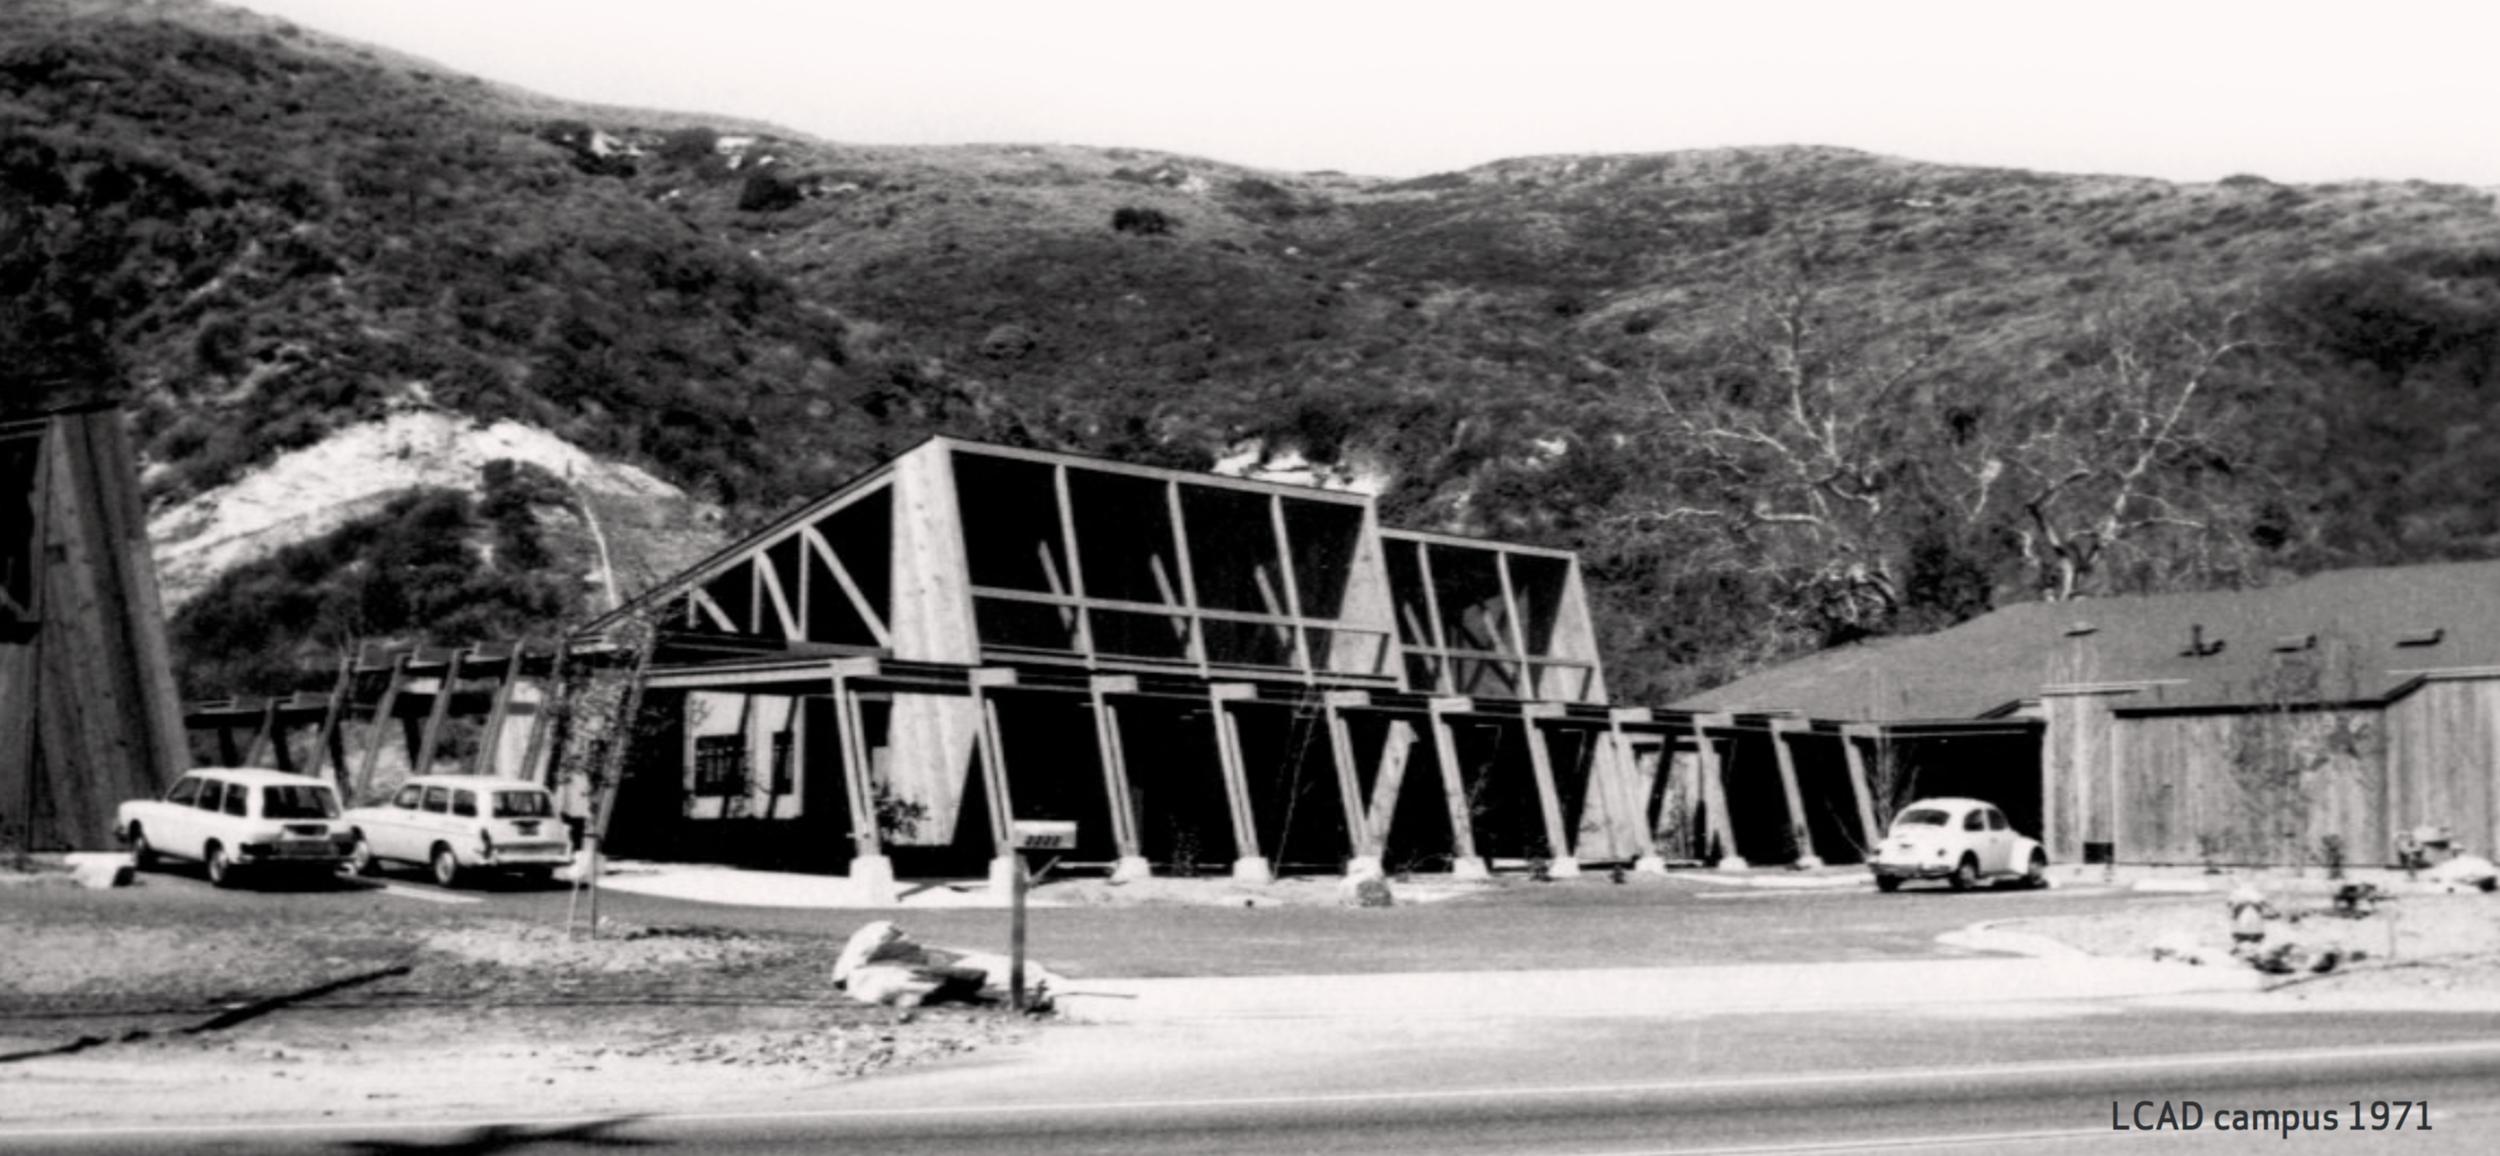 LCAD Campus - 1971